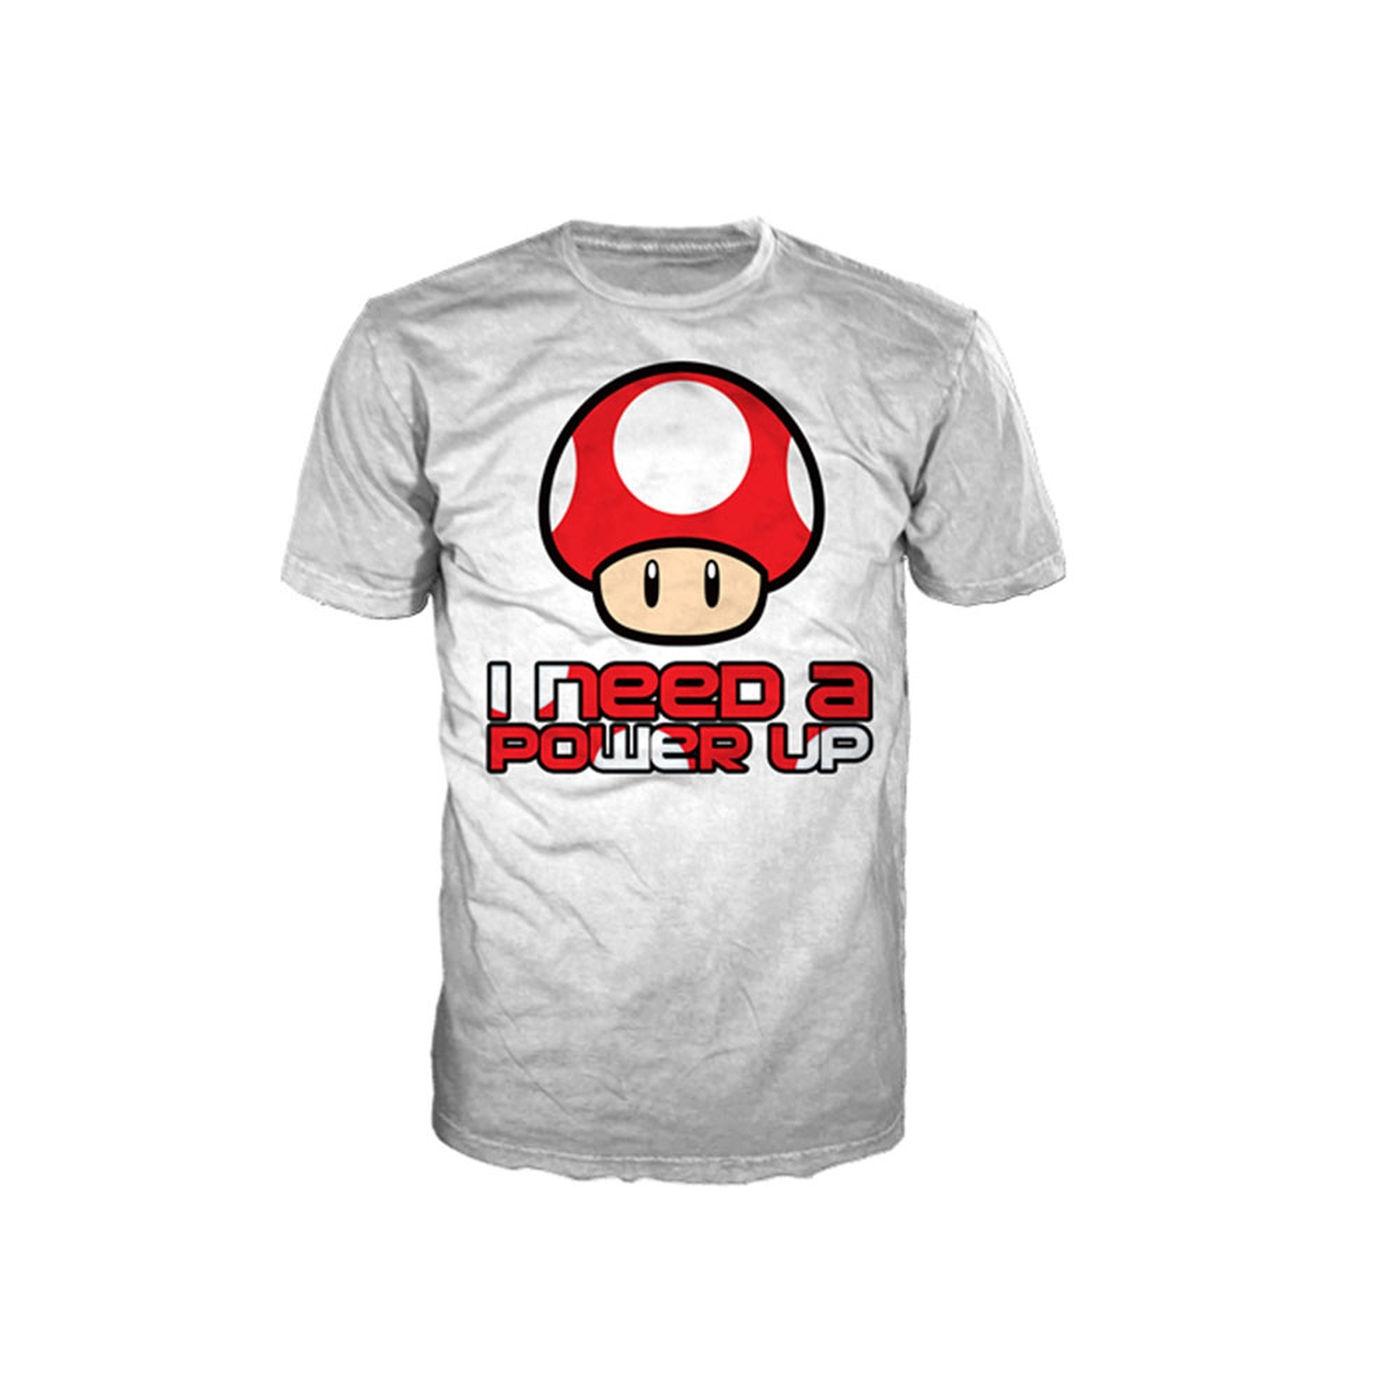 Nintendo Super Mario Bros t-shirt - Red Mushroom Power Up tshirt